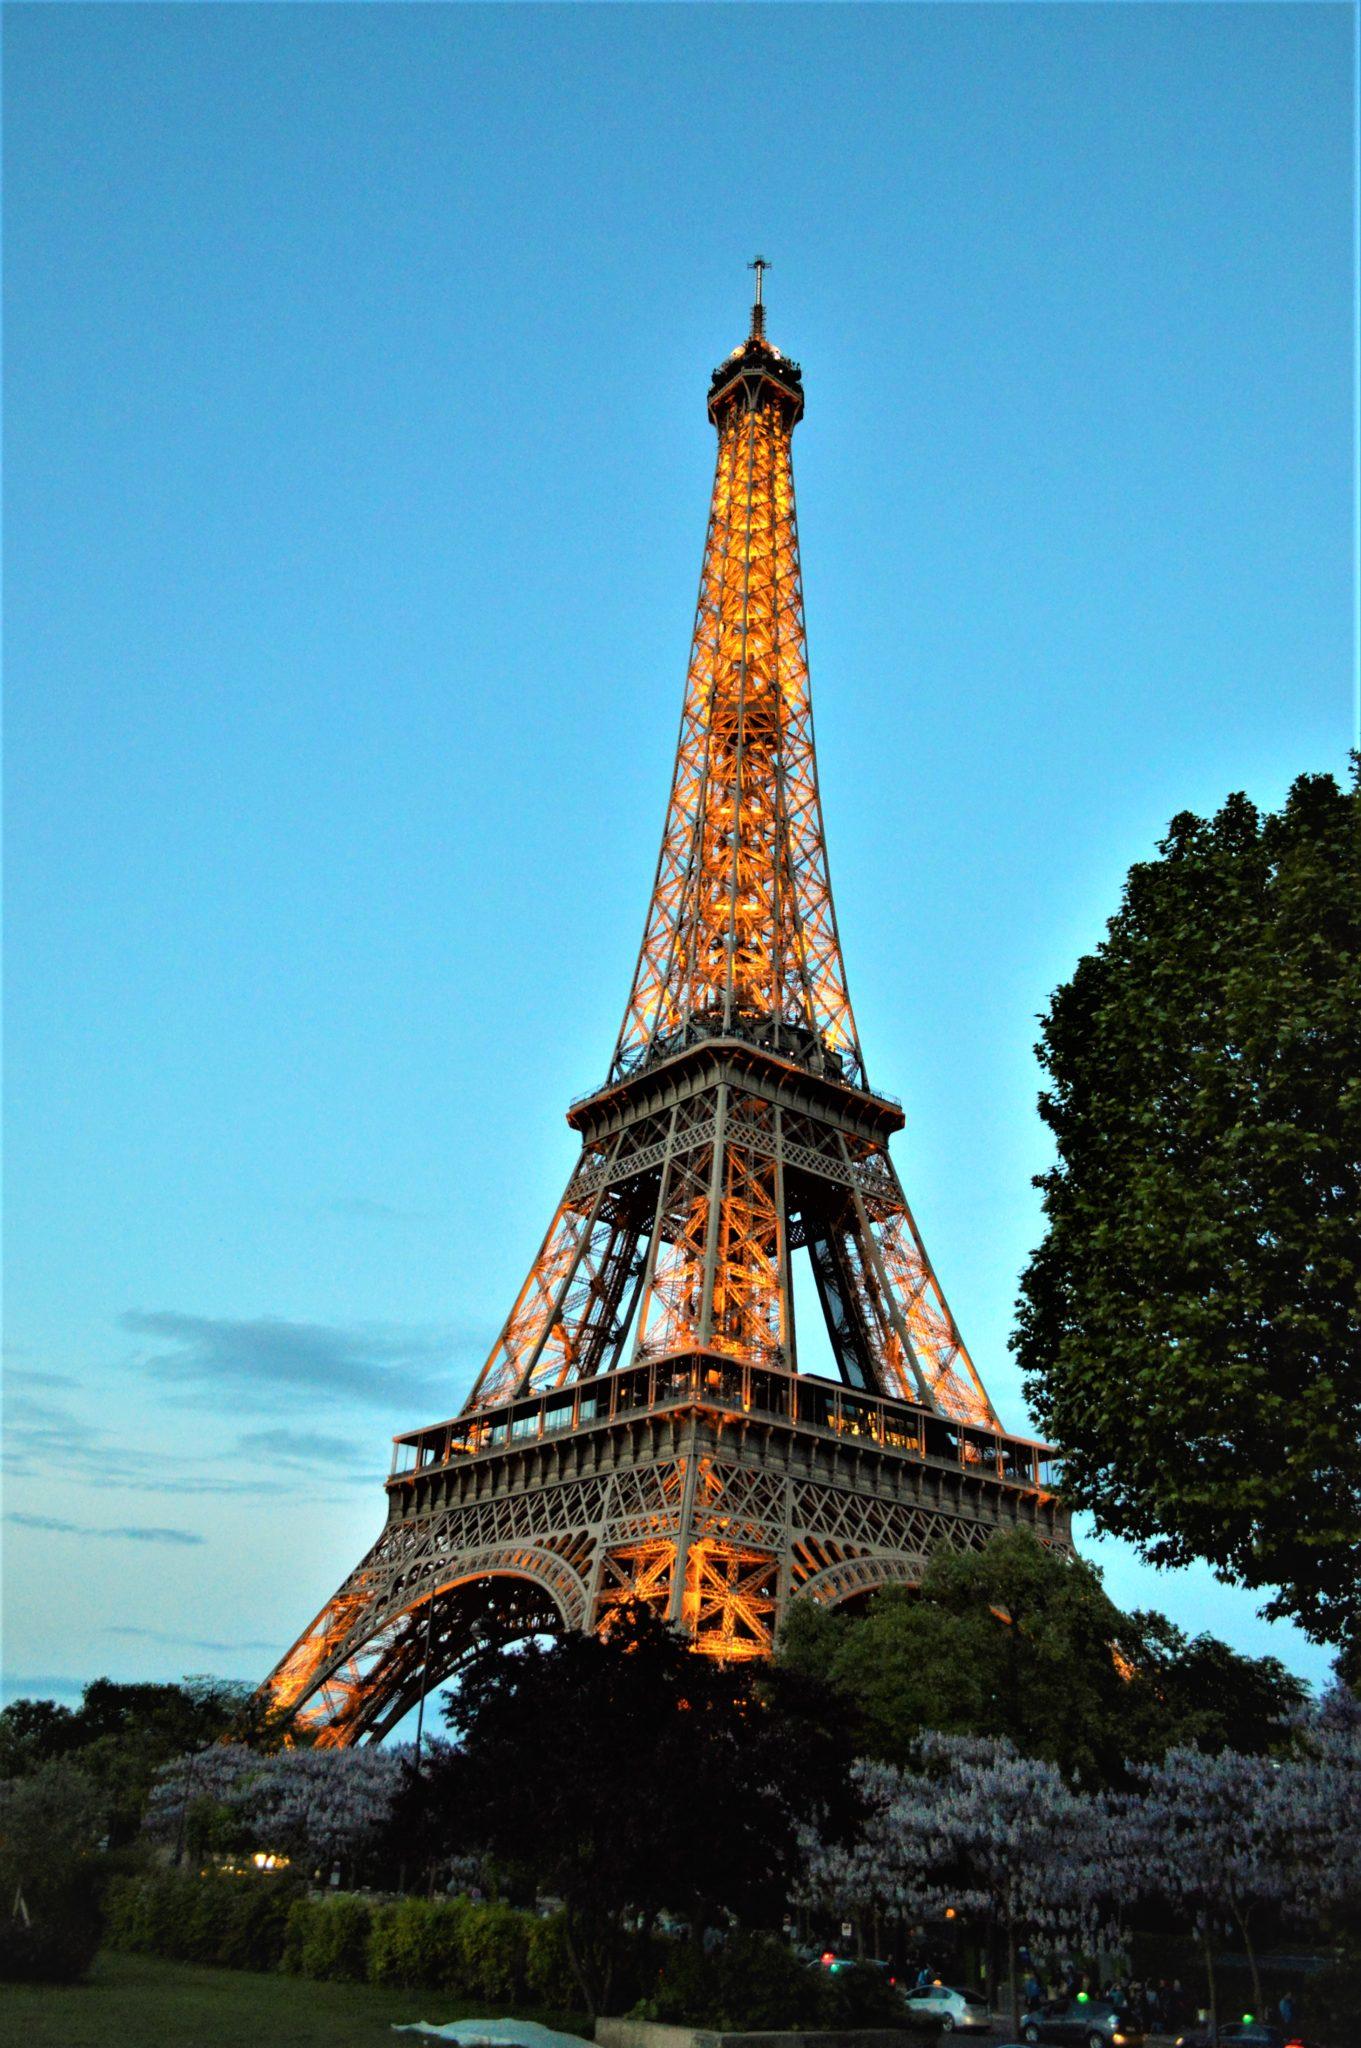 Eiffel Tower lit up, Paris, France